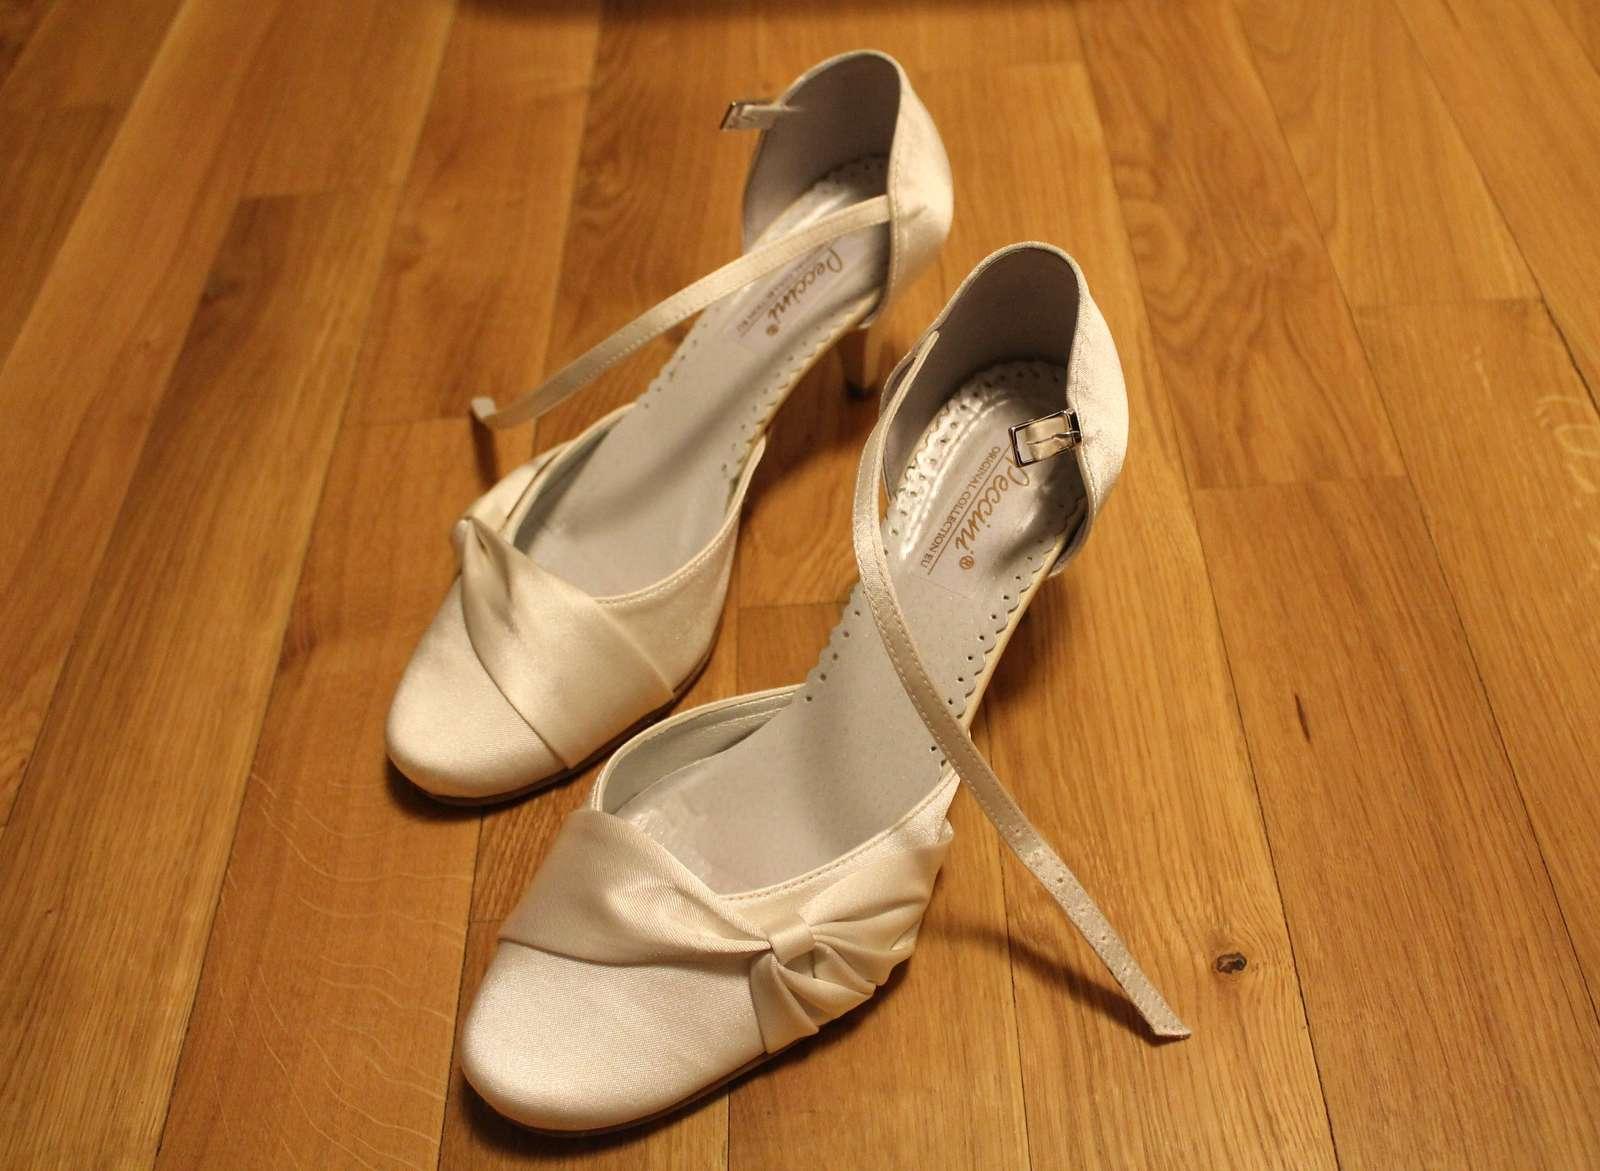 Svatební boty pecciny s menším podpadkem 37 38 b48b685fcc